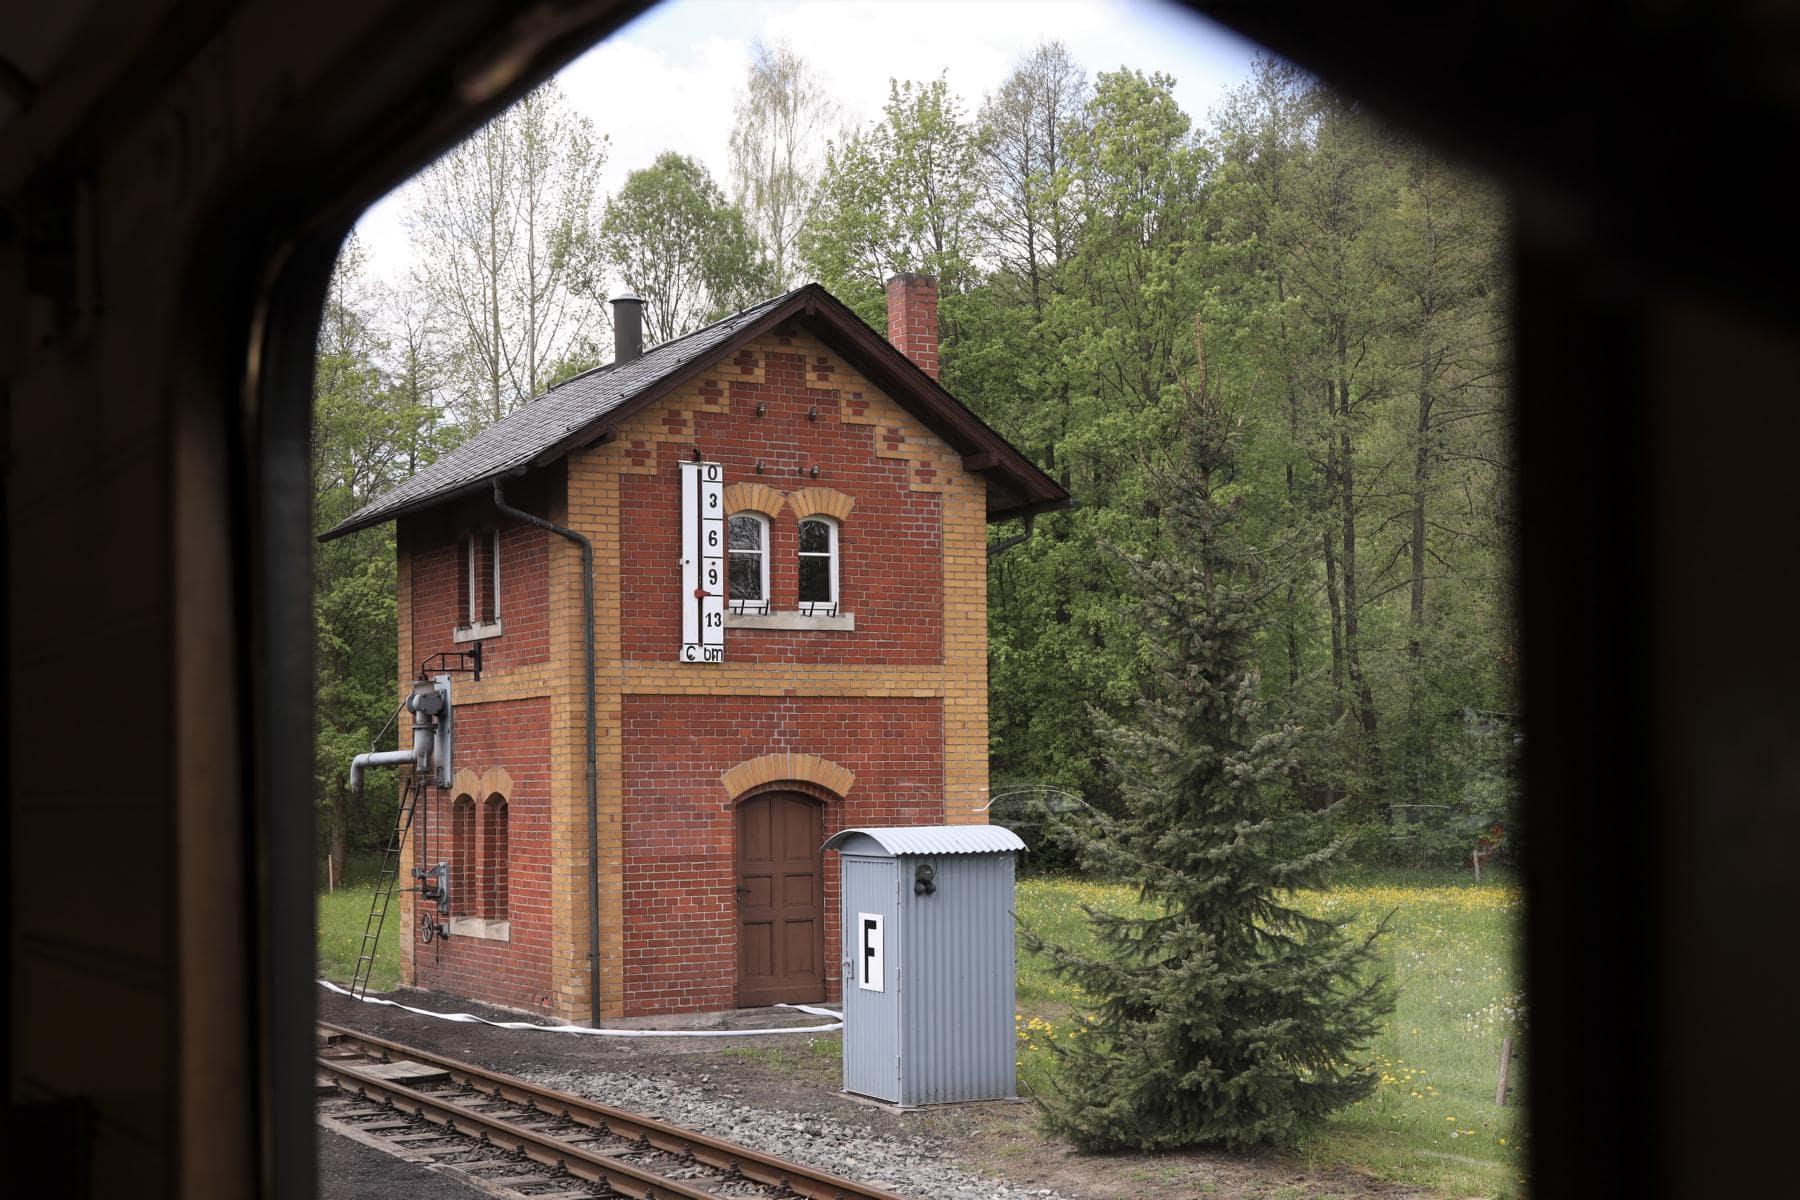 ©Foto: Christian Wodzinski | railmen | Bahnhof Steinbach mit dem bekannten Wasserhaus am Endpunkt der von Jöhstadt kommenden Museumsbahn.